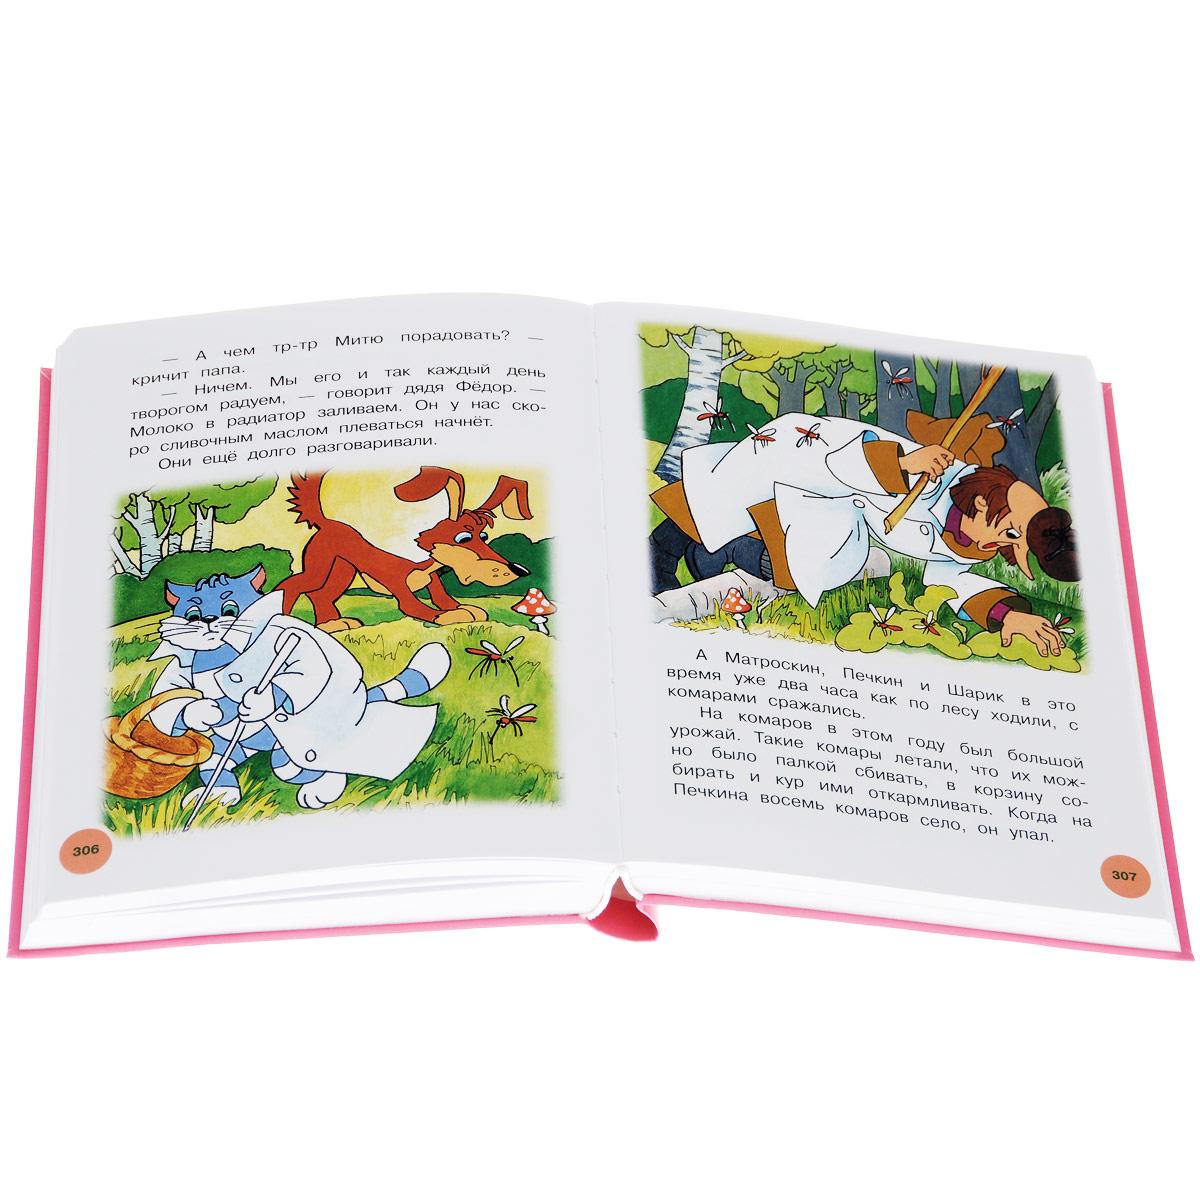 Все самые интересные сказки для девочек